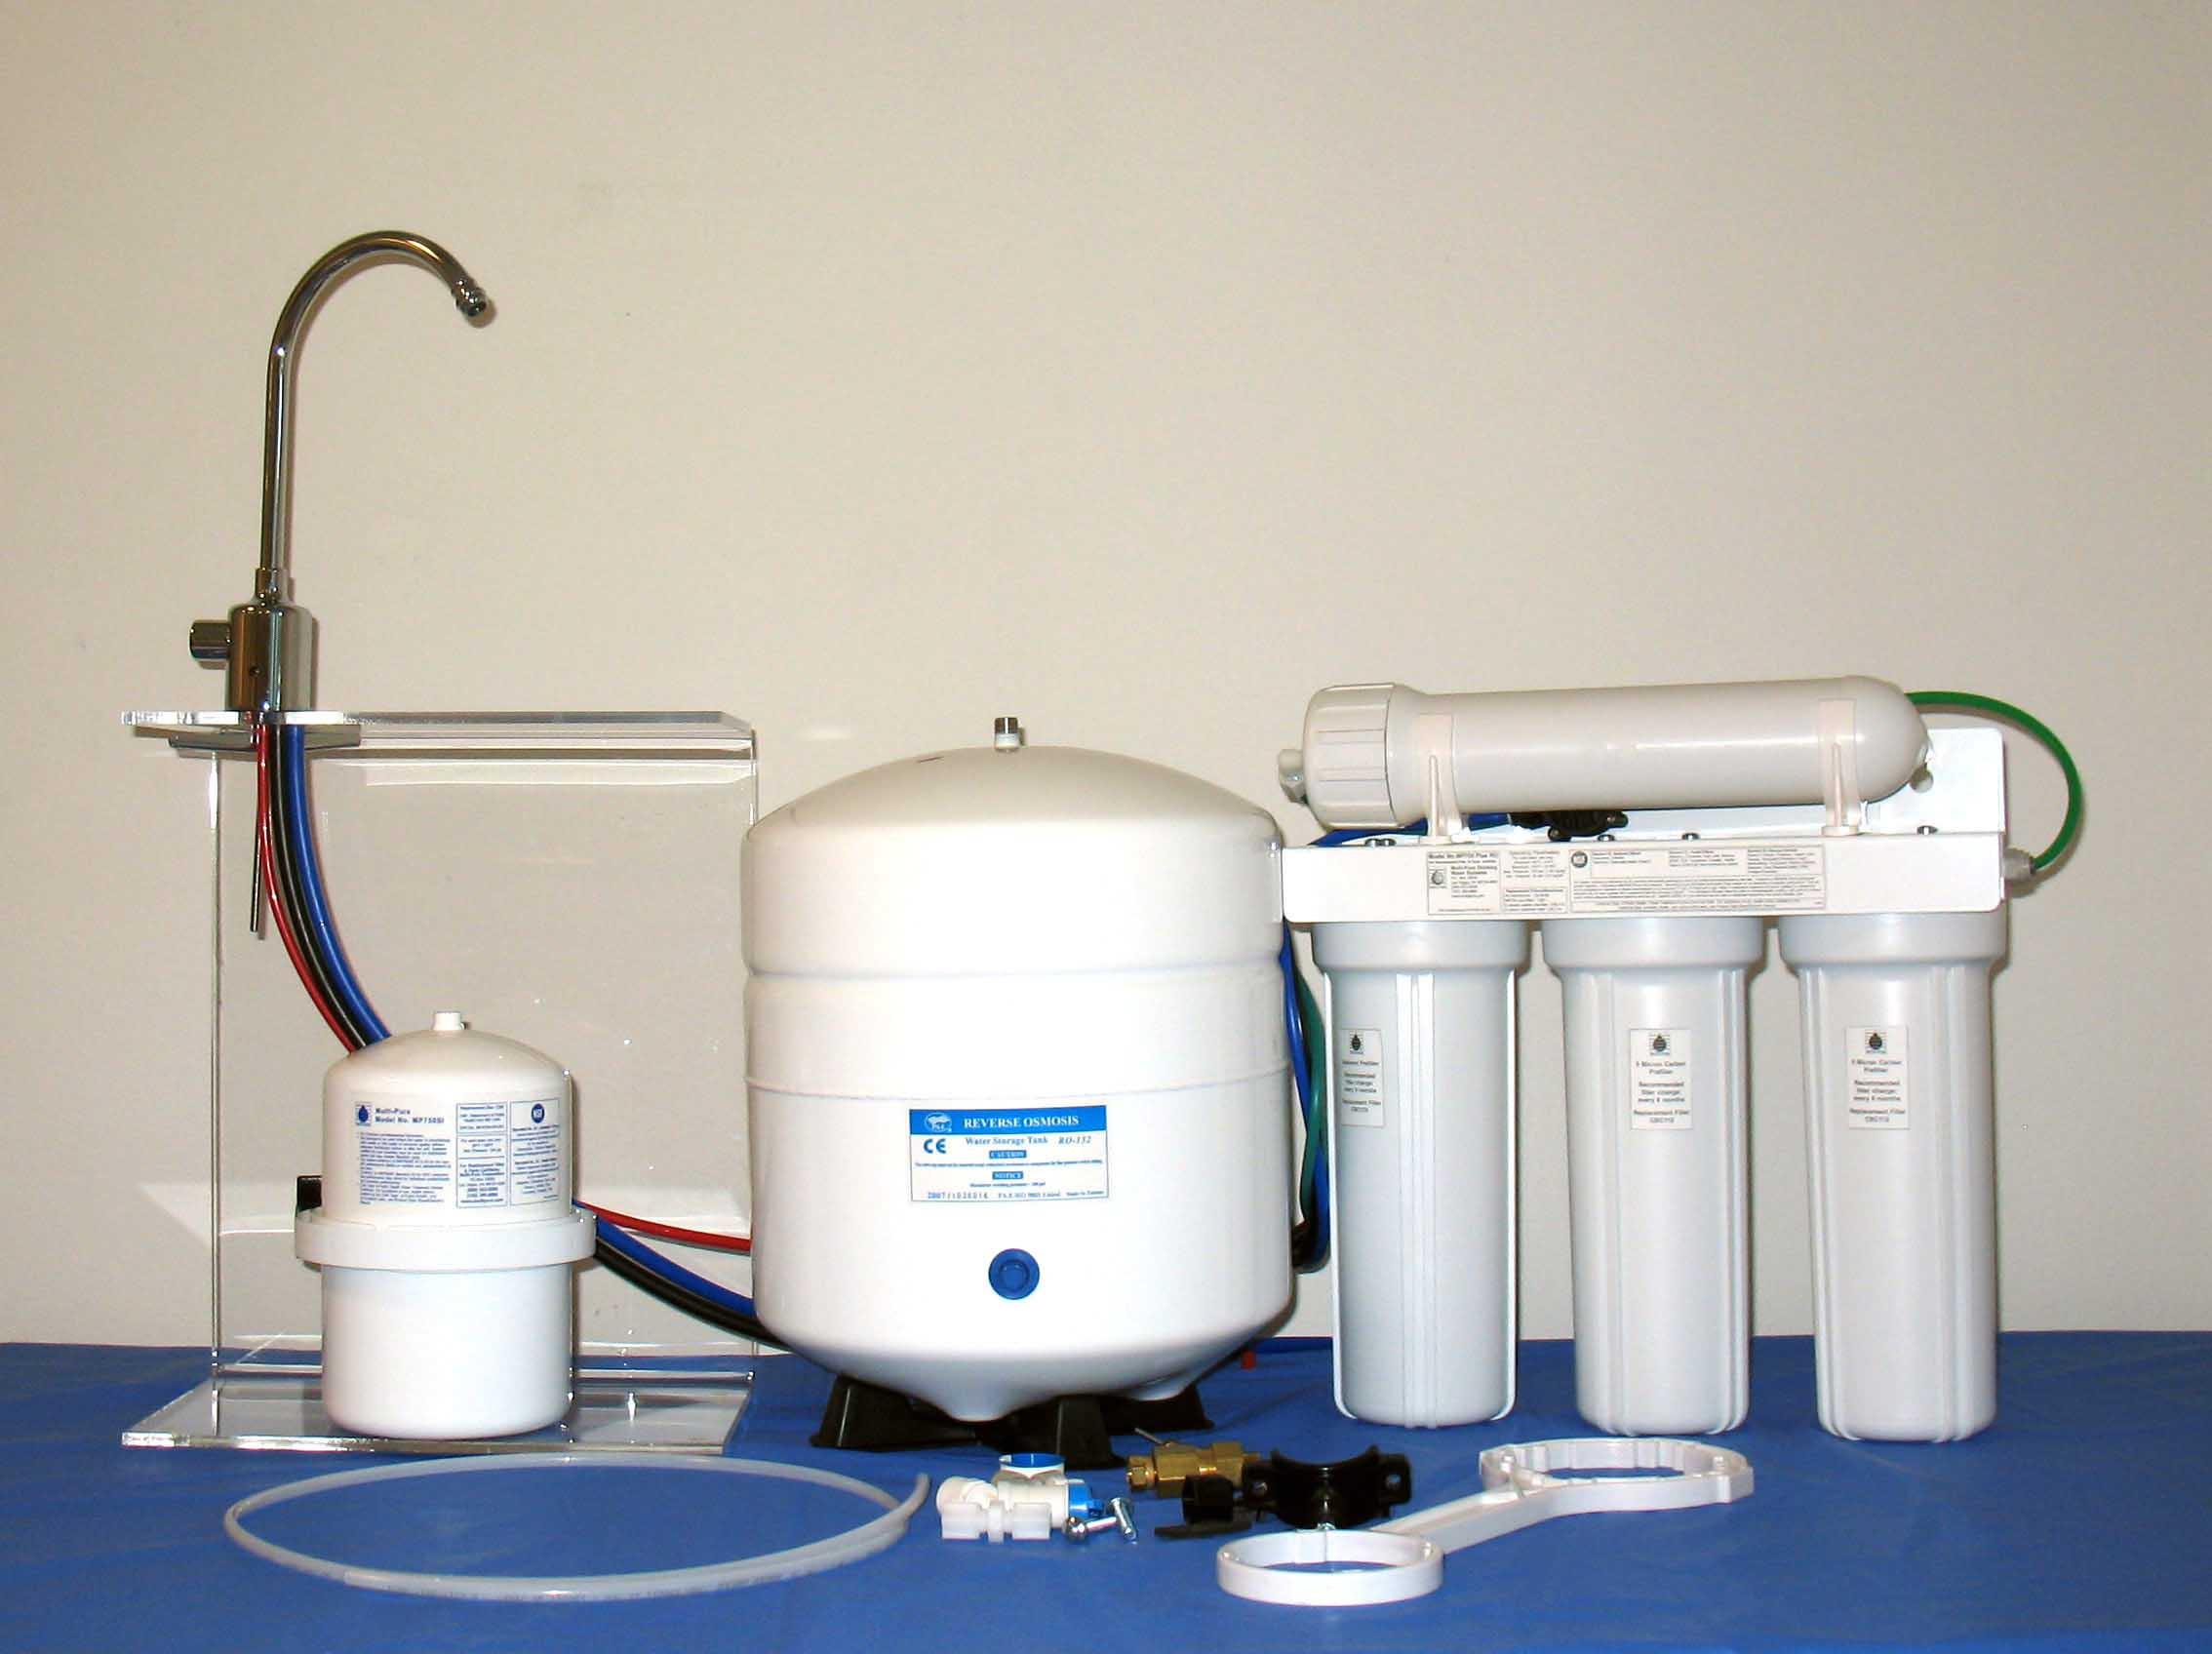 Фильтры для воды: как выбрать самый лучший?